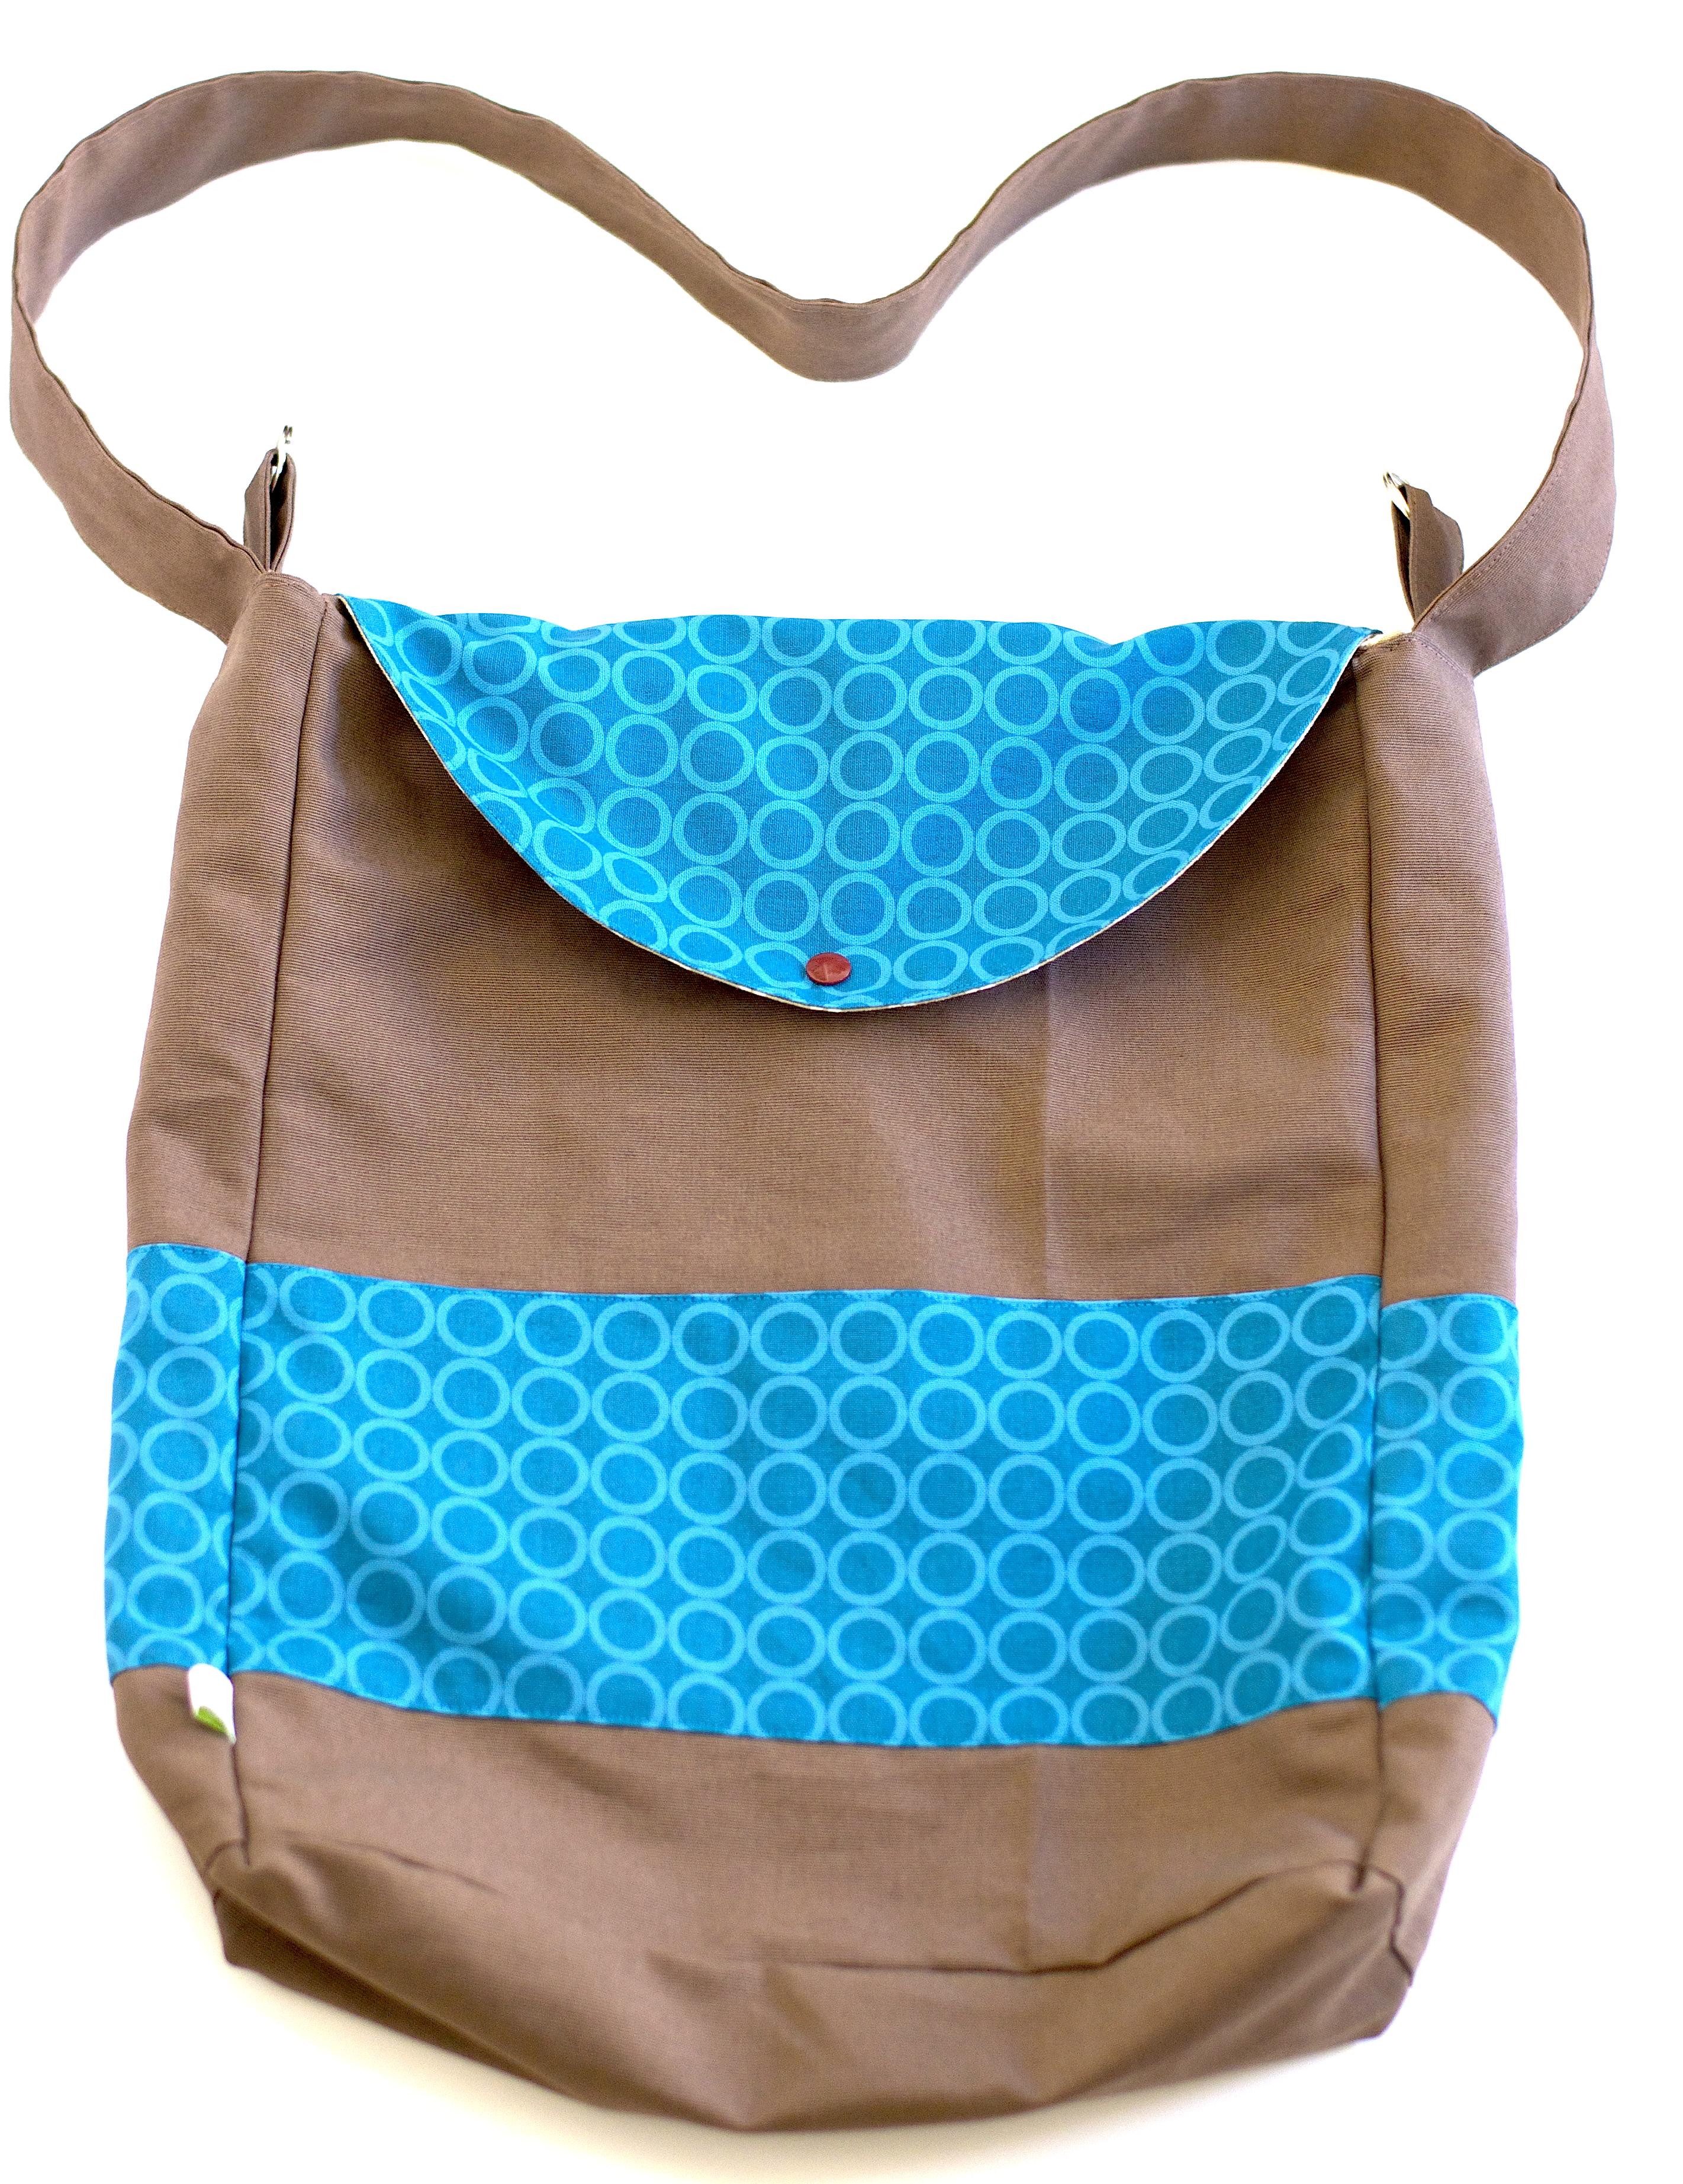 Kinderwagentasche_braunblau_gesamt